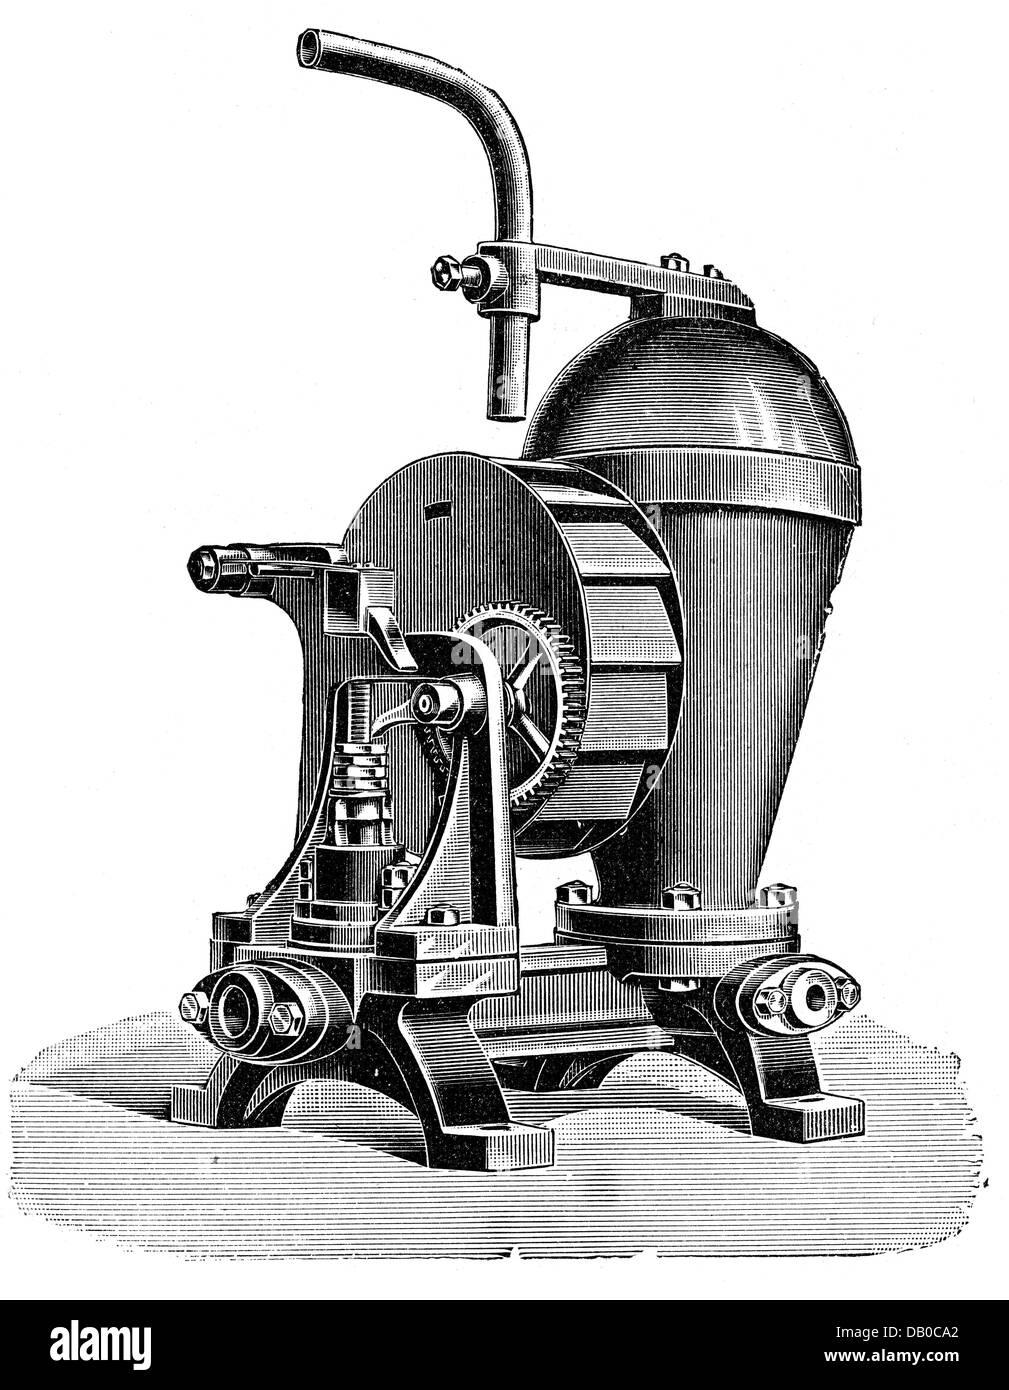 Technik, Wasser-Pumpen / Wasserleitungen / Wasserversorgung / Bewässerung, hydraulischer Widder, schematische Stockbild